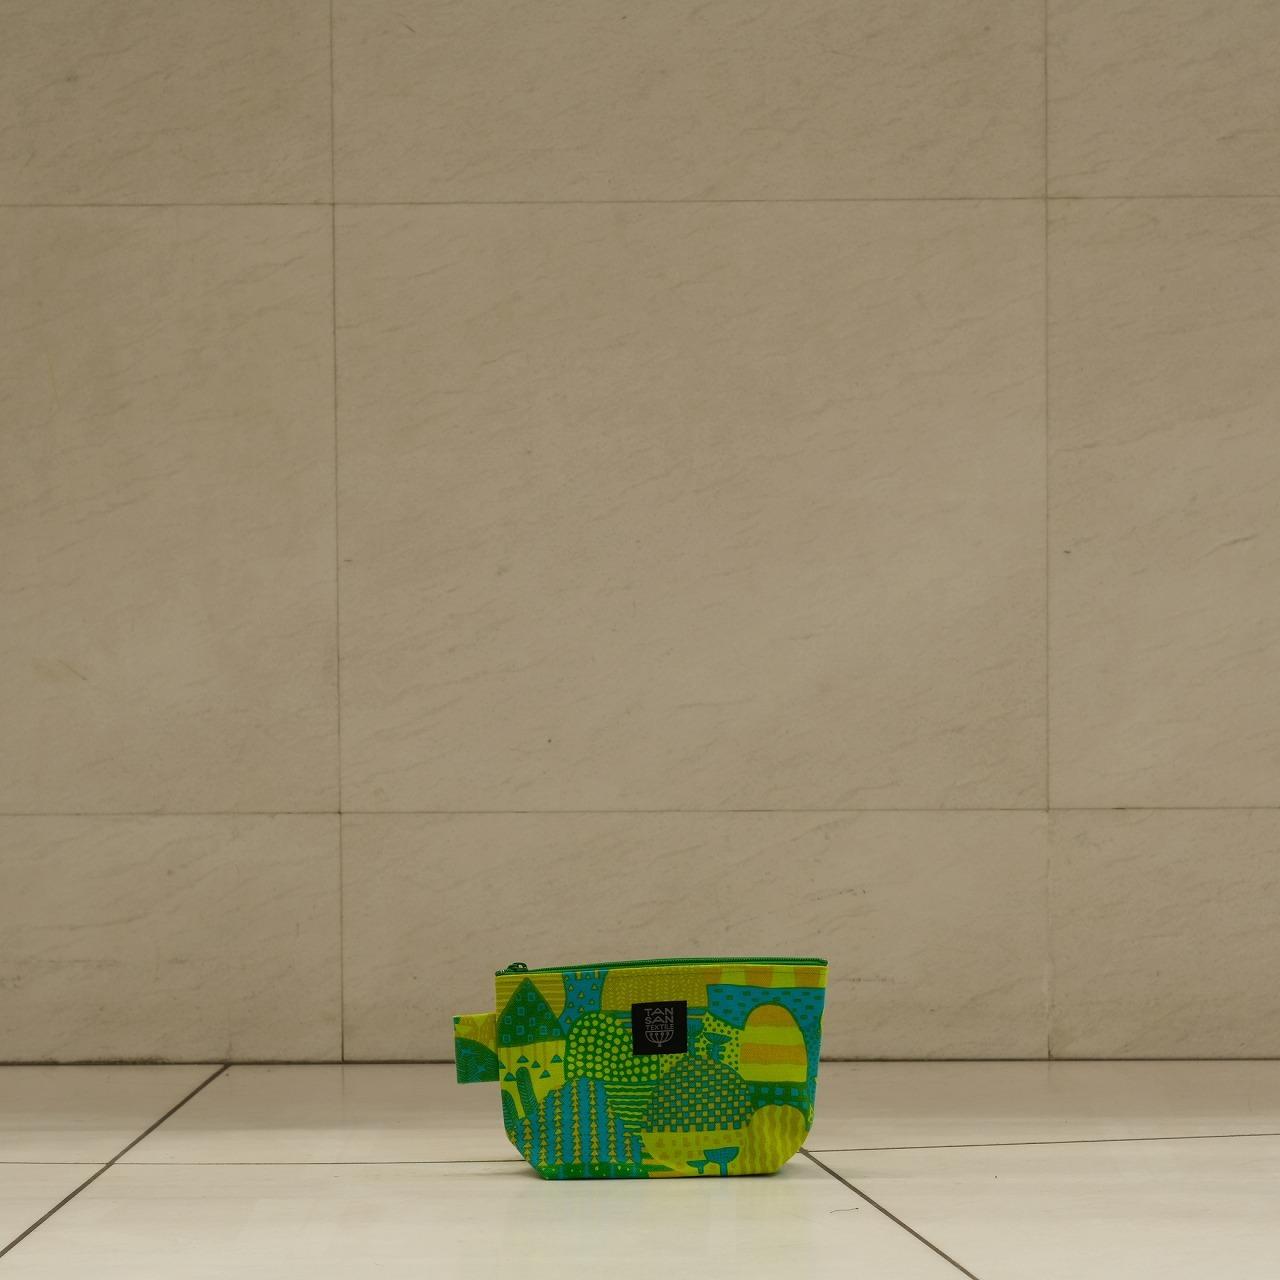 炭酸デザイン室 オンライン展示会 マチポーチM_d0182409_16553326.jpg